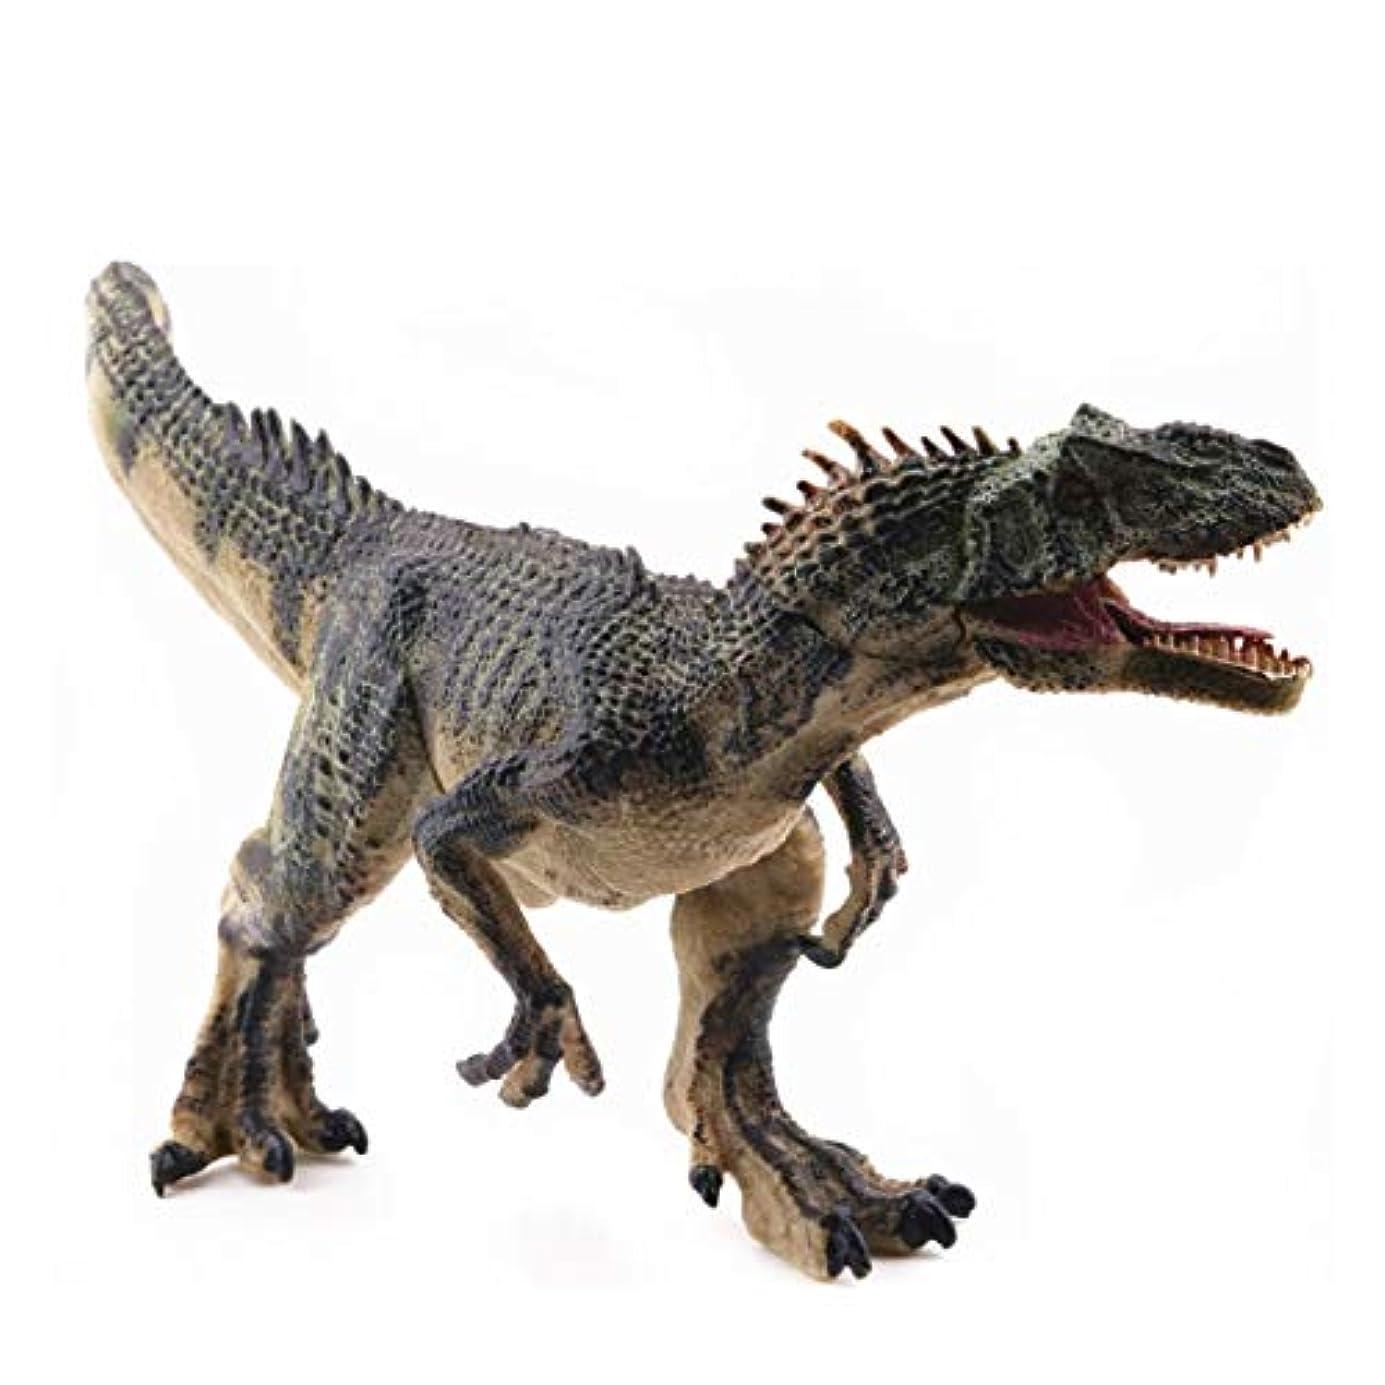 ガソリン世界記録のギネスブック子供っぽいSaikogoods シミュレーションアロサウルスリアルな恐竜の模型玩具置物アクションは 子供のためのホームインテリア教育玩具フィギュア 緑